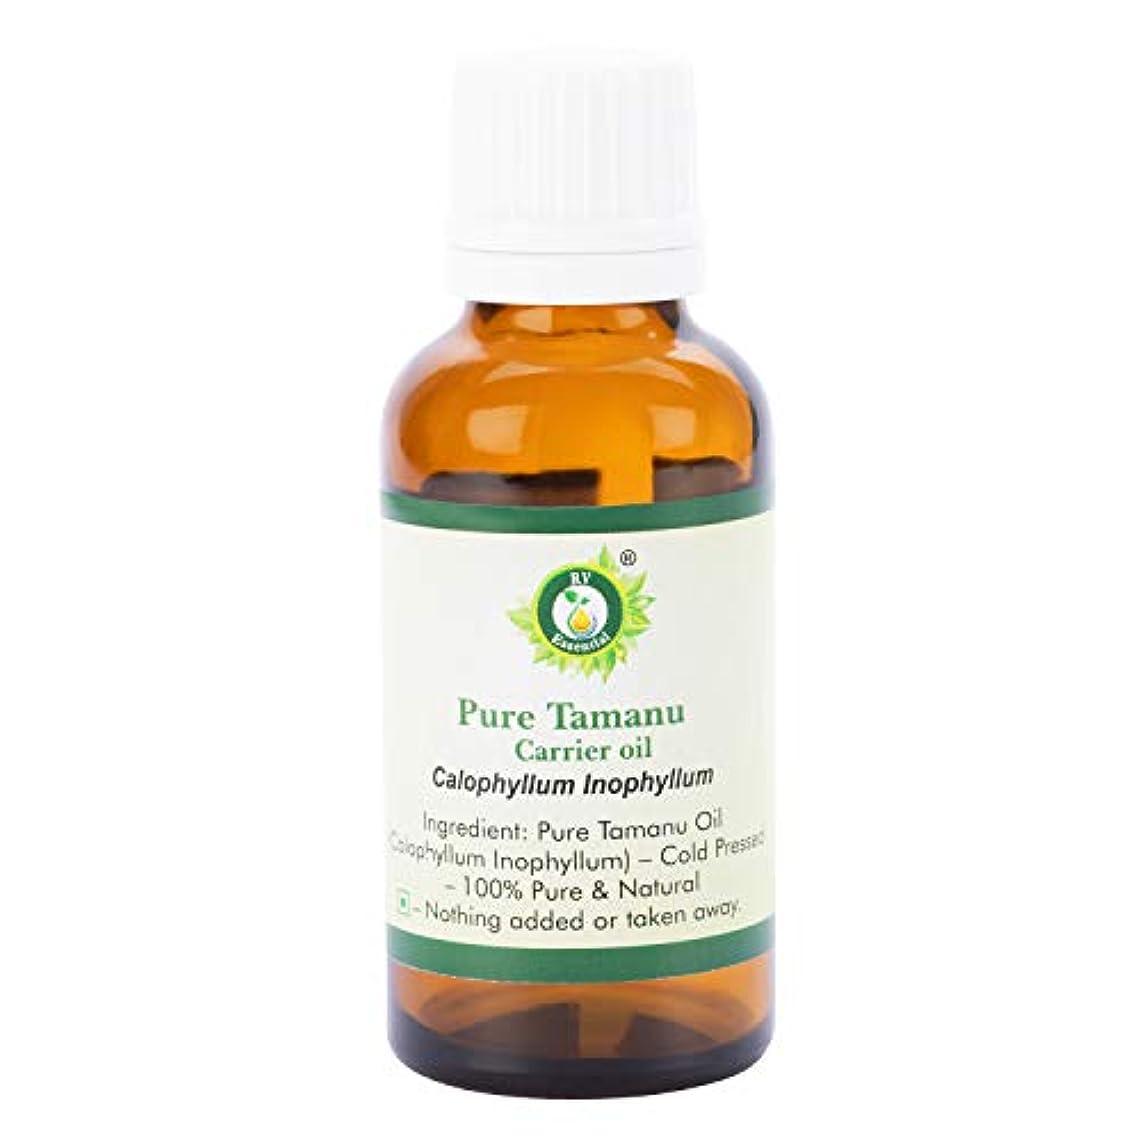 控える医療の牧草地ピュアTamanuキャリアオイル30ml (1.01oz)- Calophyllum Inophyllum (100%ピュア&ナチュラルコールドPressed) Pure Tamanu Carrier Oil